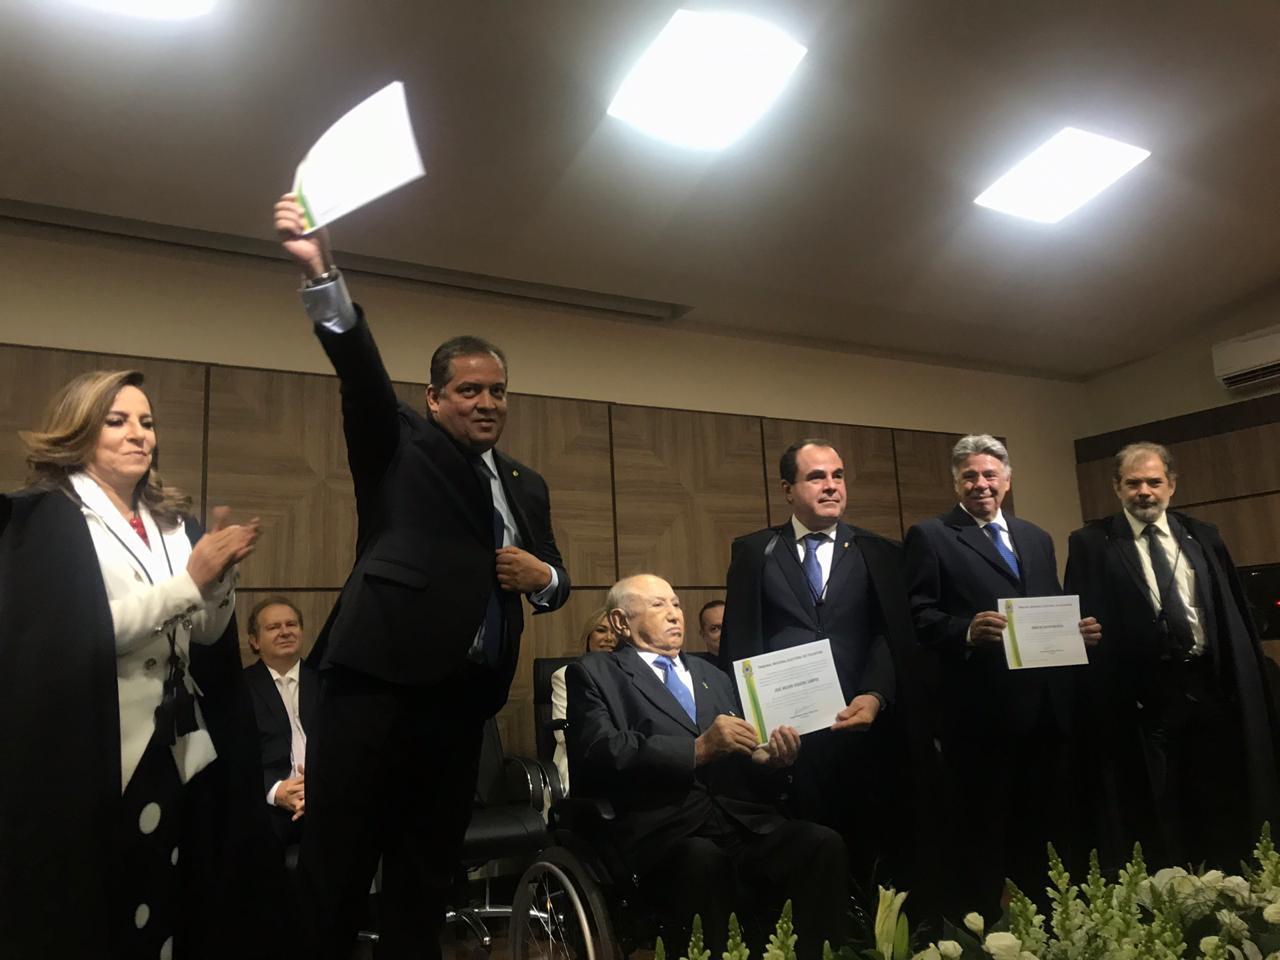 Após ser diplomado, Eduardo Gomes diz que pretende trabalhar duro para honrar os votos e ajudar na retomada de crescimento do Tocantins